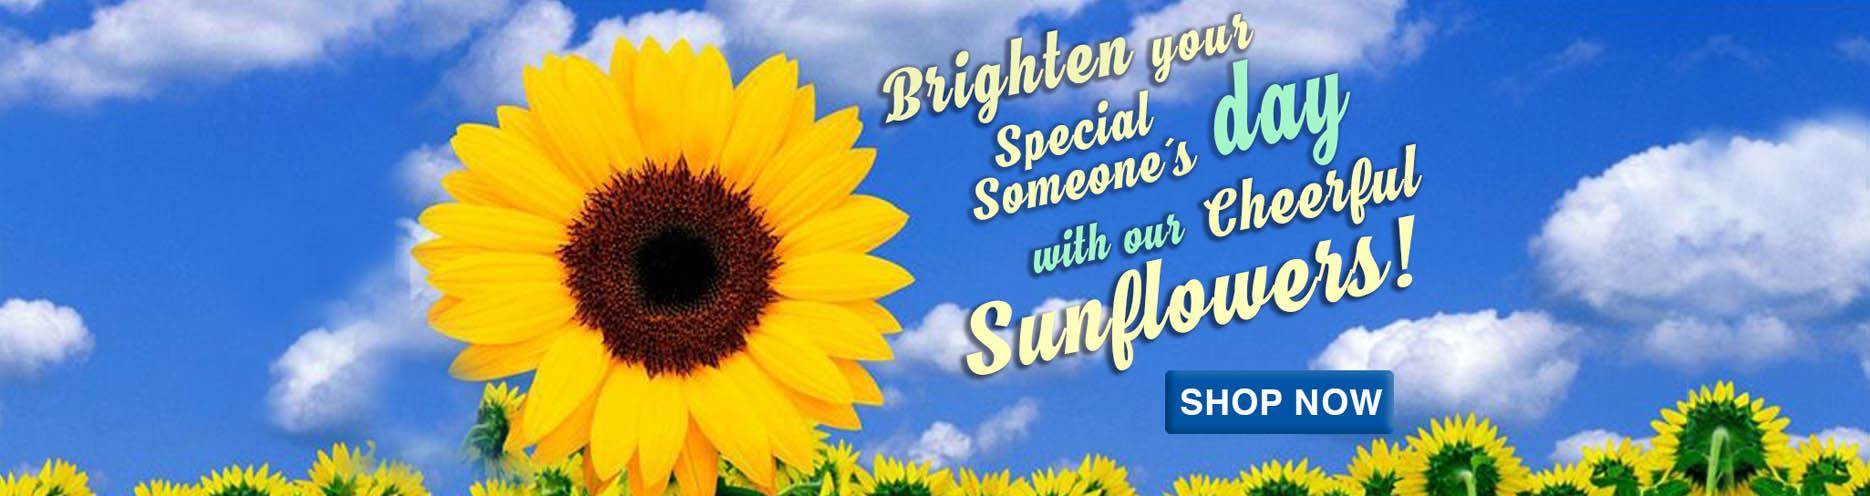 sunflowerheadercat.jpg